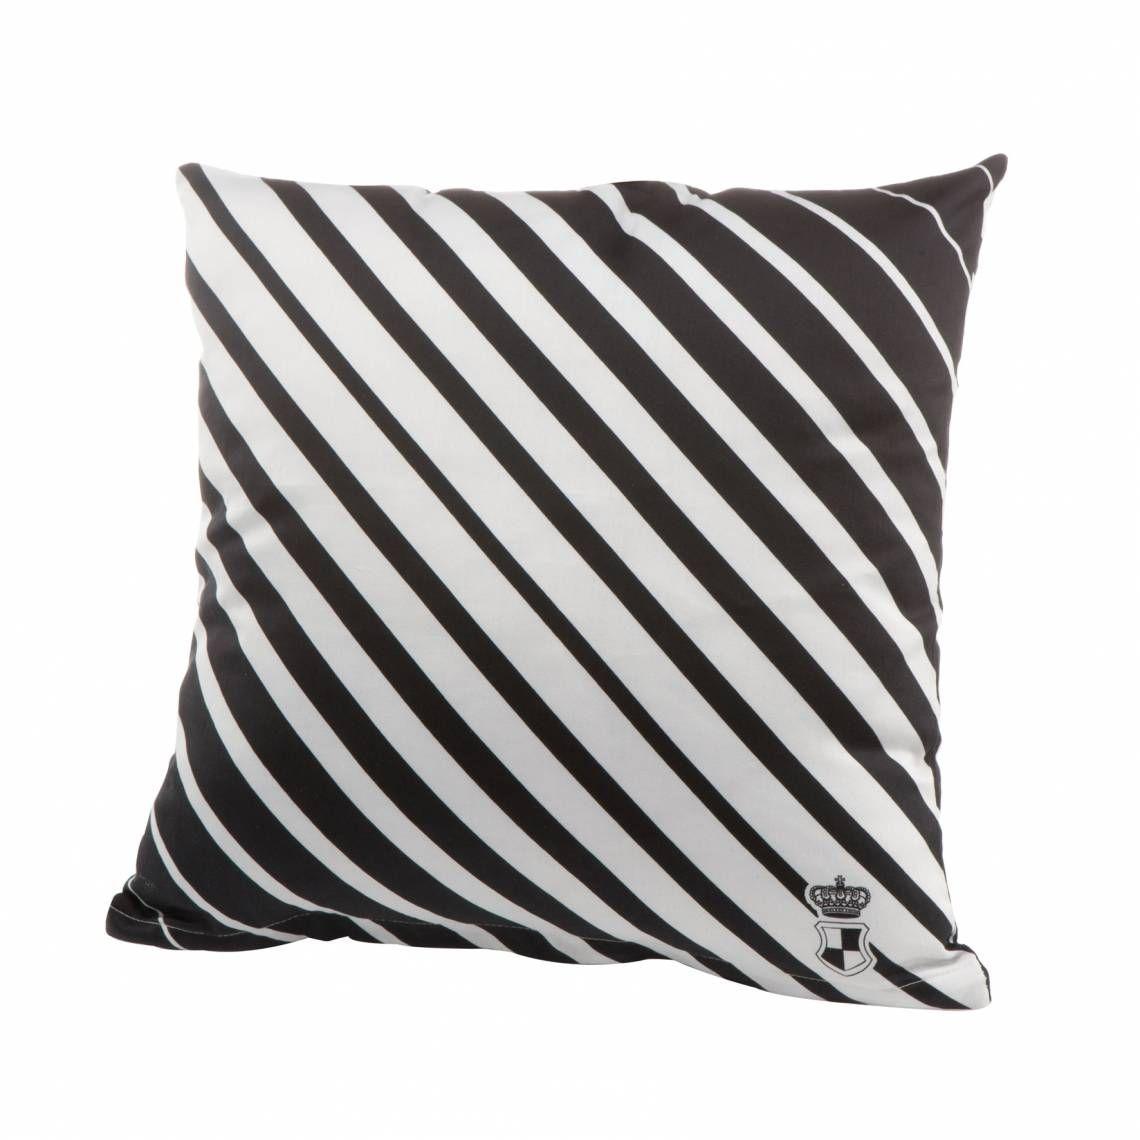 Goebel Stripes Kissenbezug Black And White Diagonal Stripe Design Pillow Kissen Kissenhullen Kissenbezuge